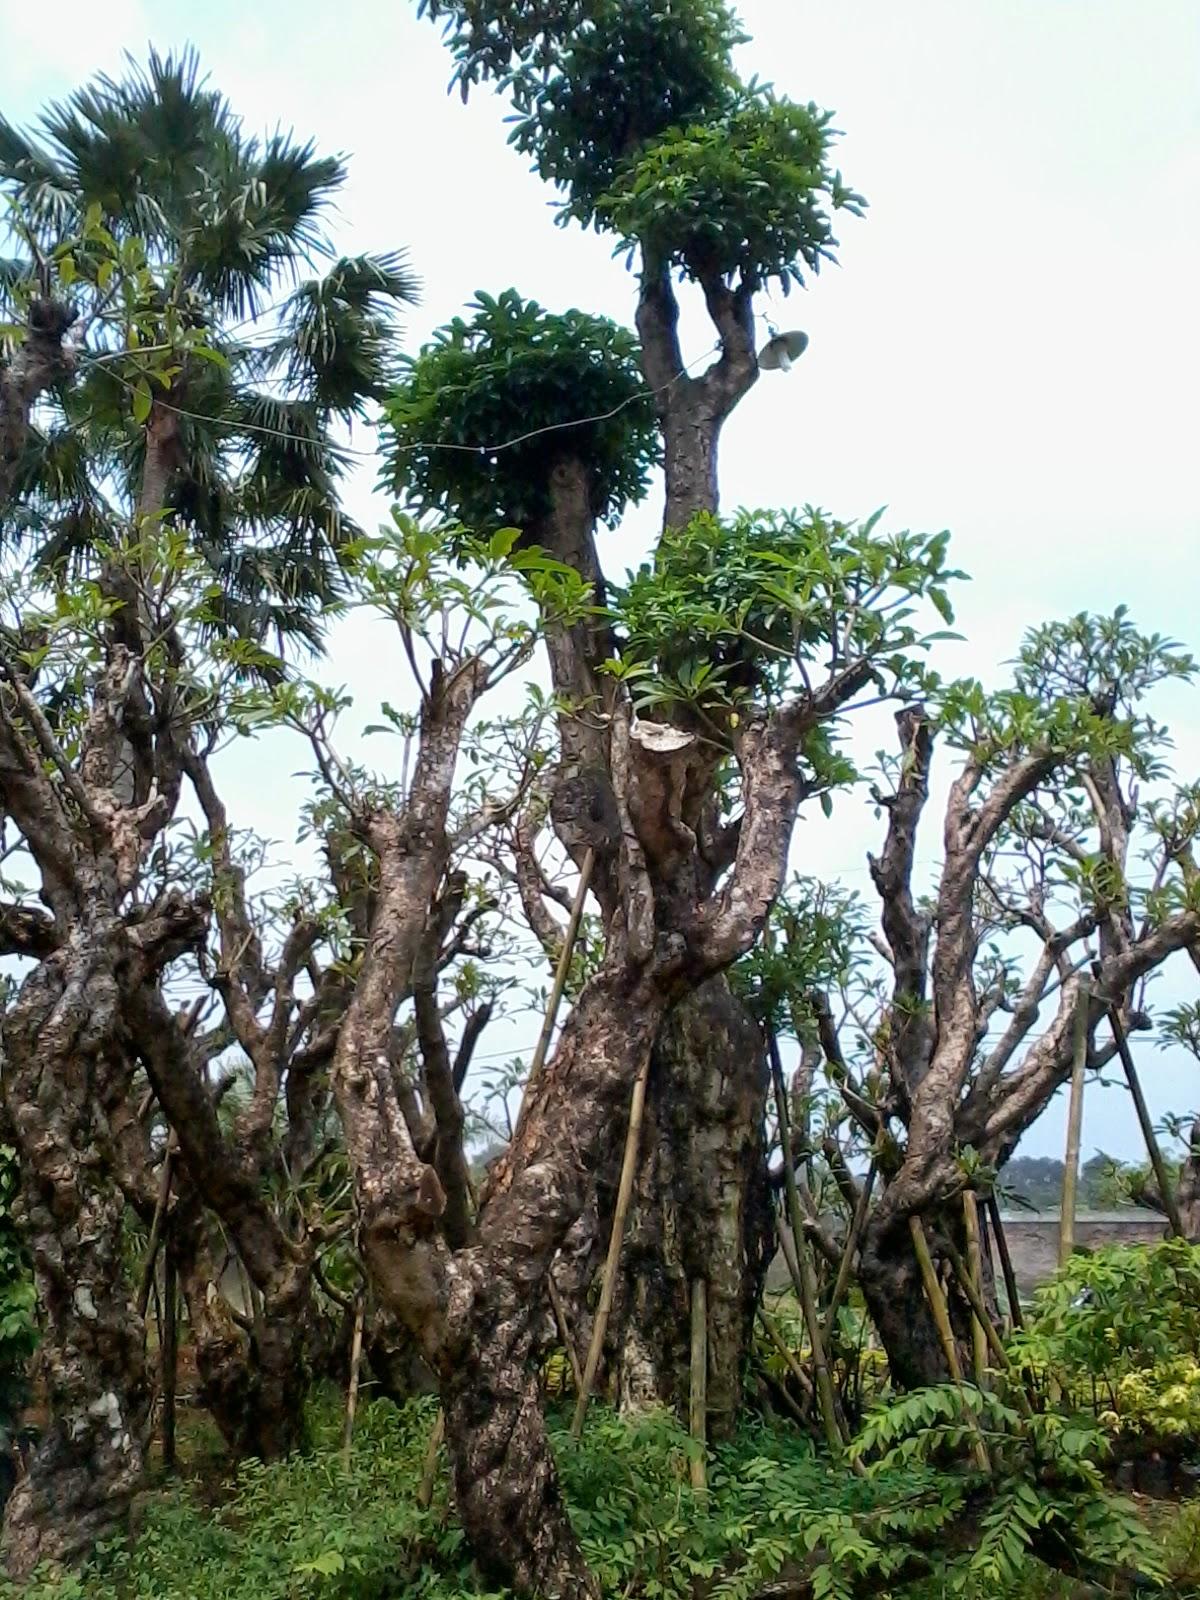 koleksi tanaman purba | jual pulay | pule | tanaman unik | pohon antik